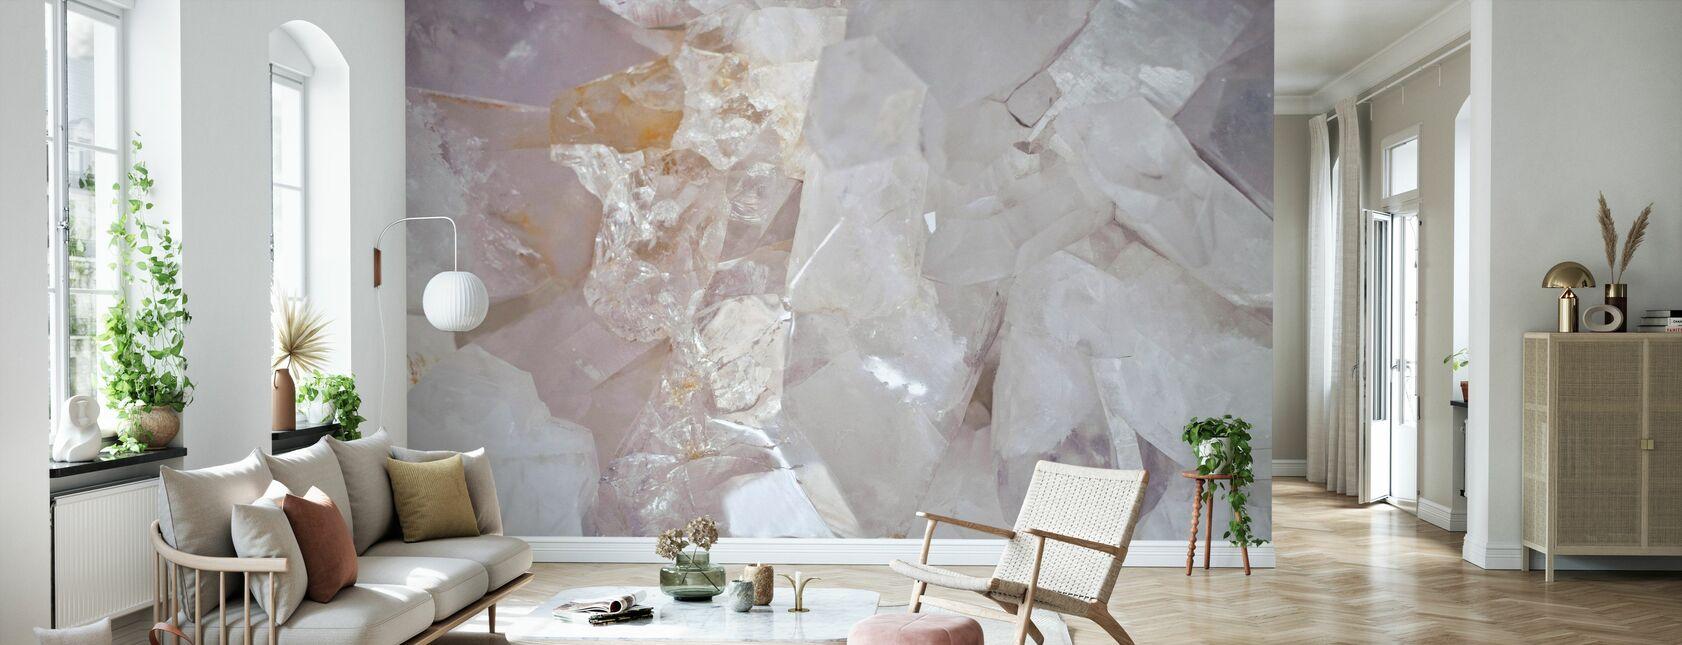 Clear Quartz - Wallpaper - Living Room